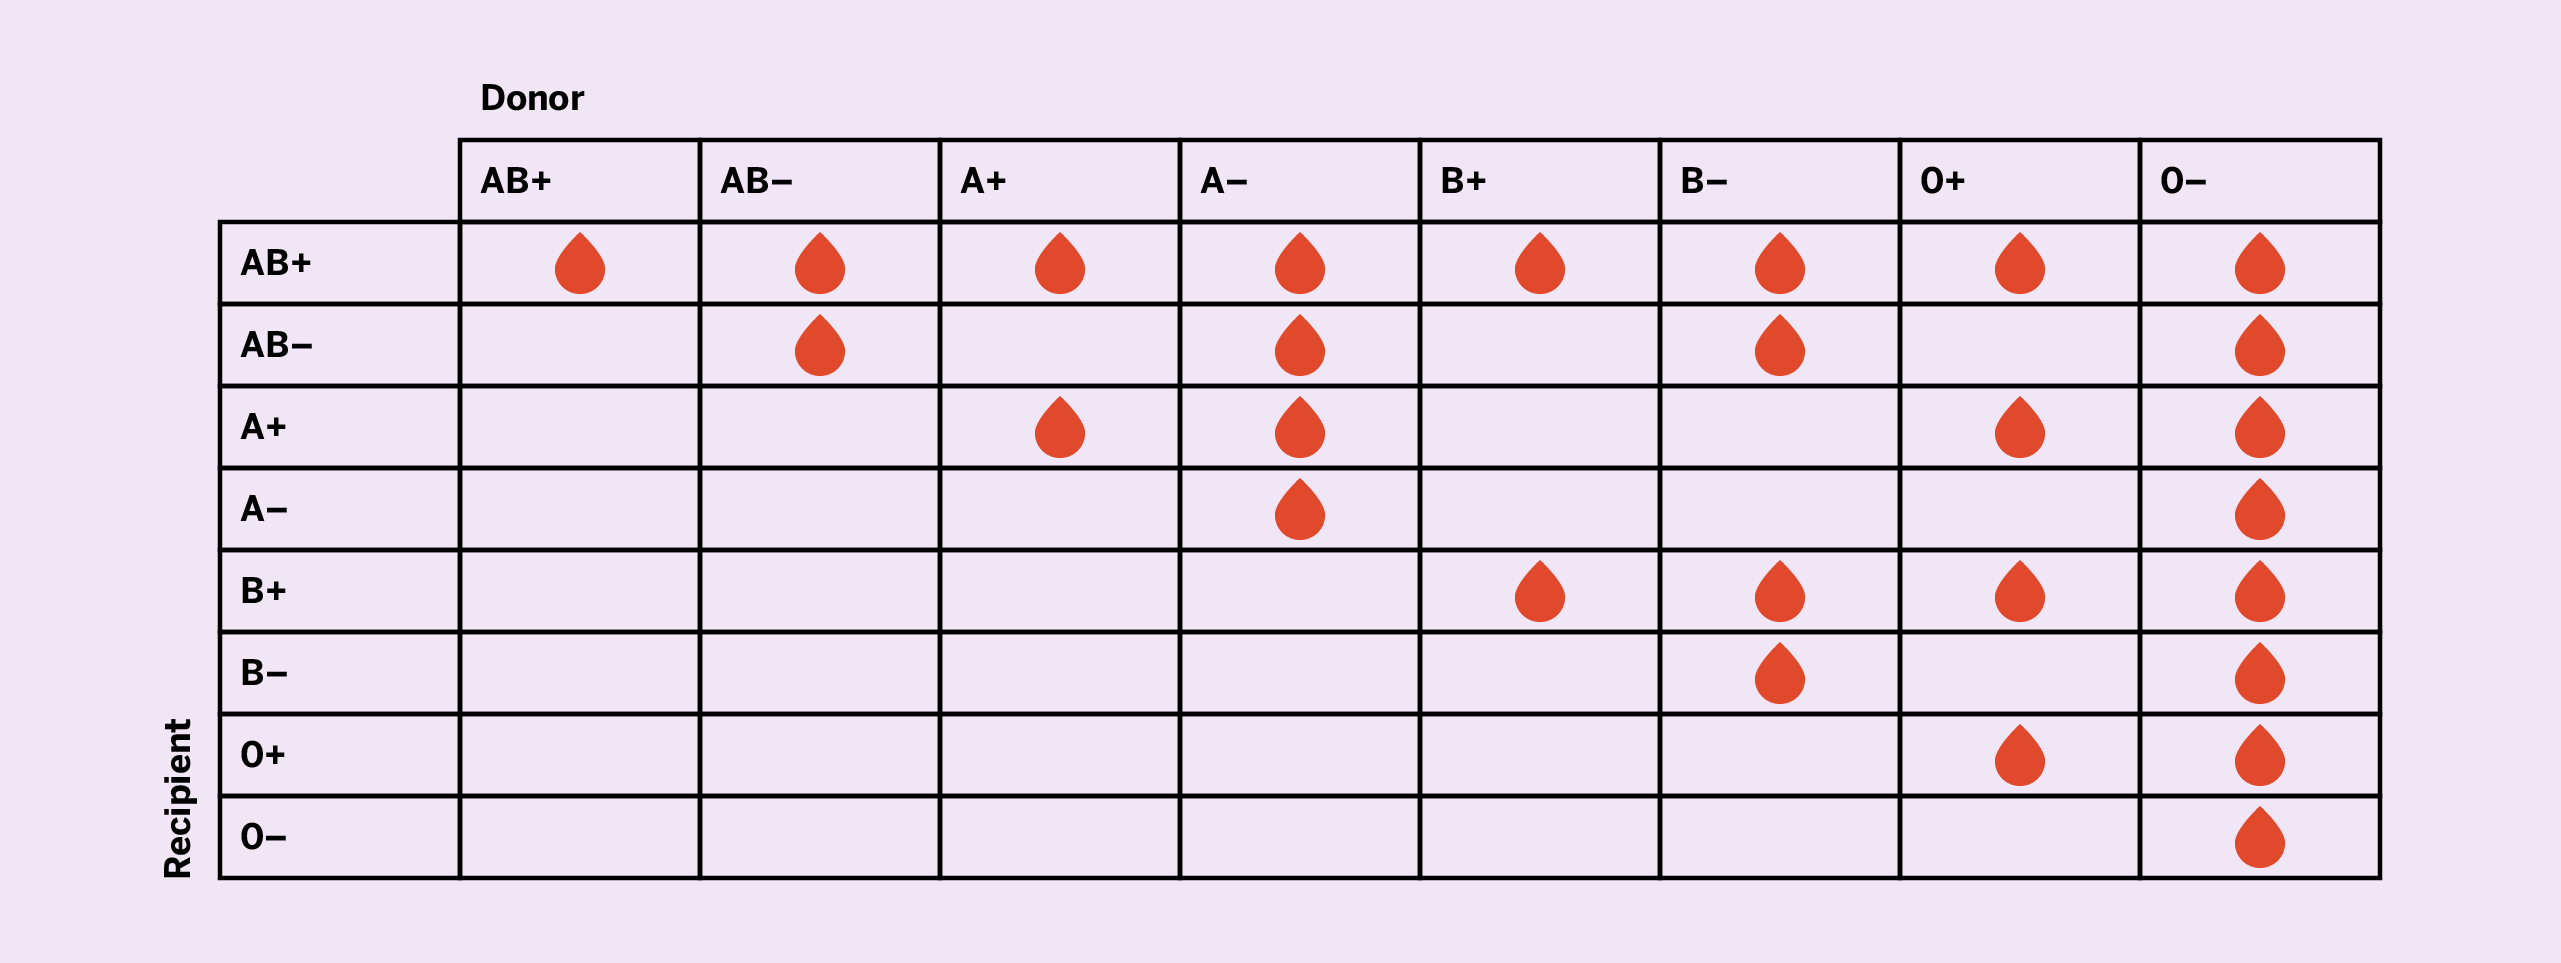 gruppi sanguigni avis